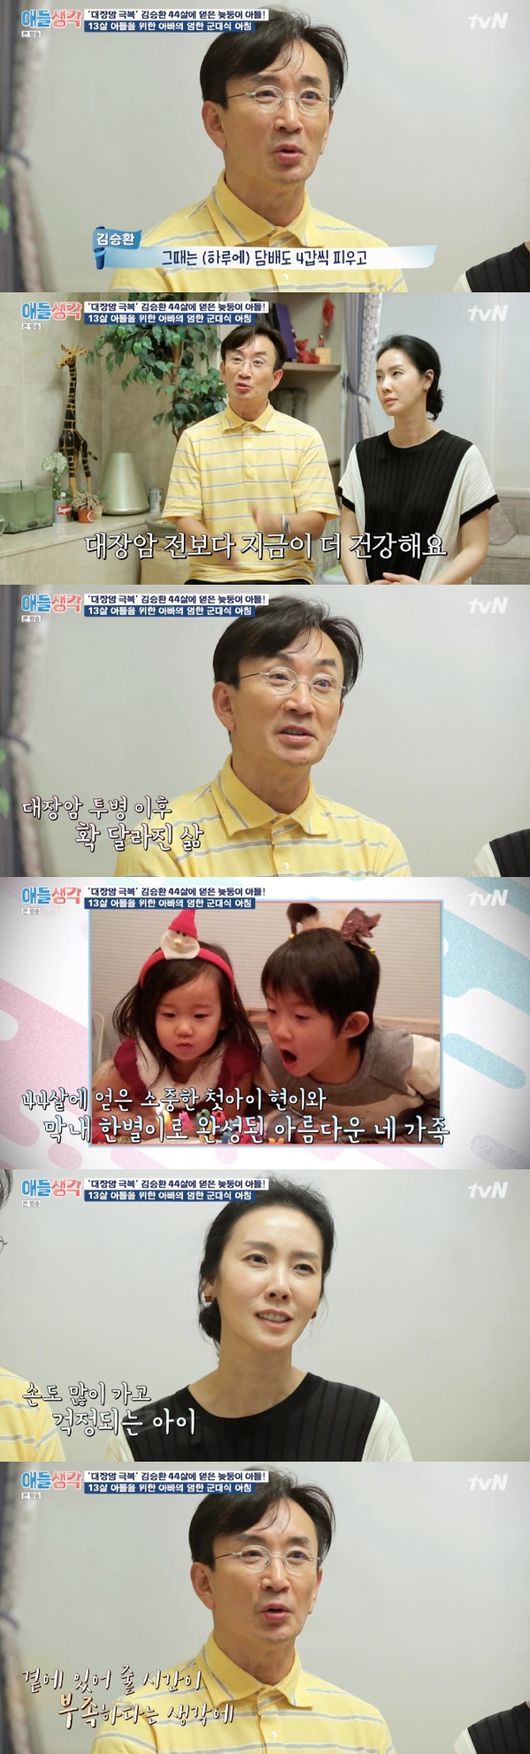 애들생각 김승환, 대장암 투병 후 삶 공개..子 김현과 진로 놓고 갈등 [어저께TV]